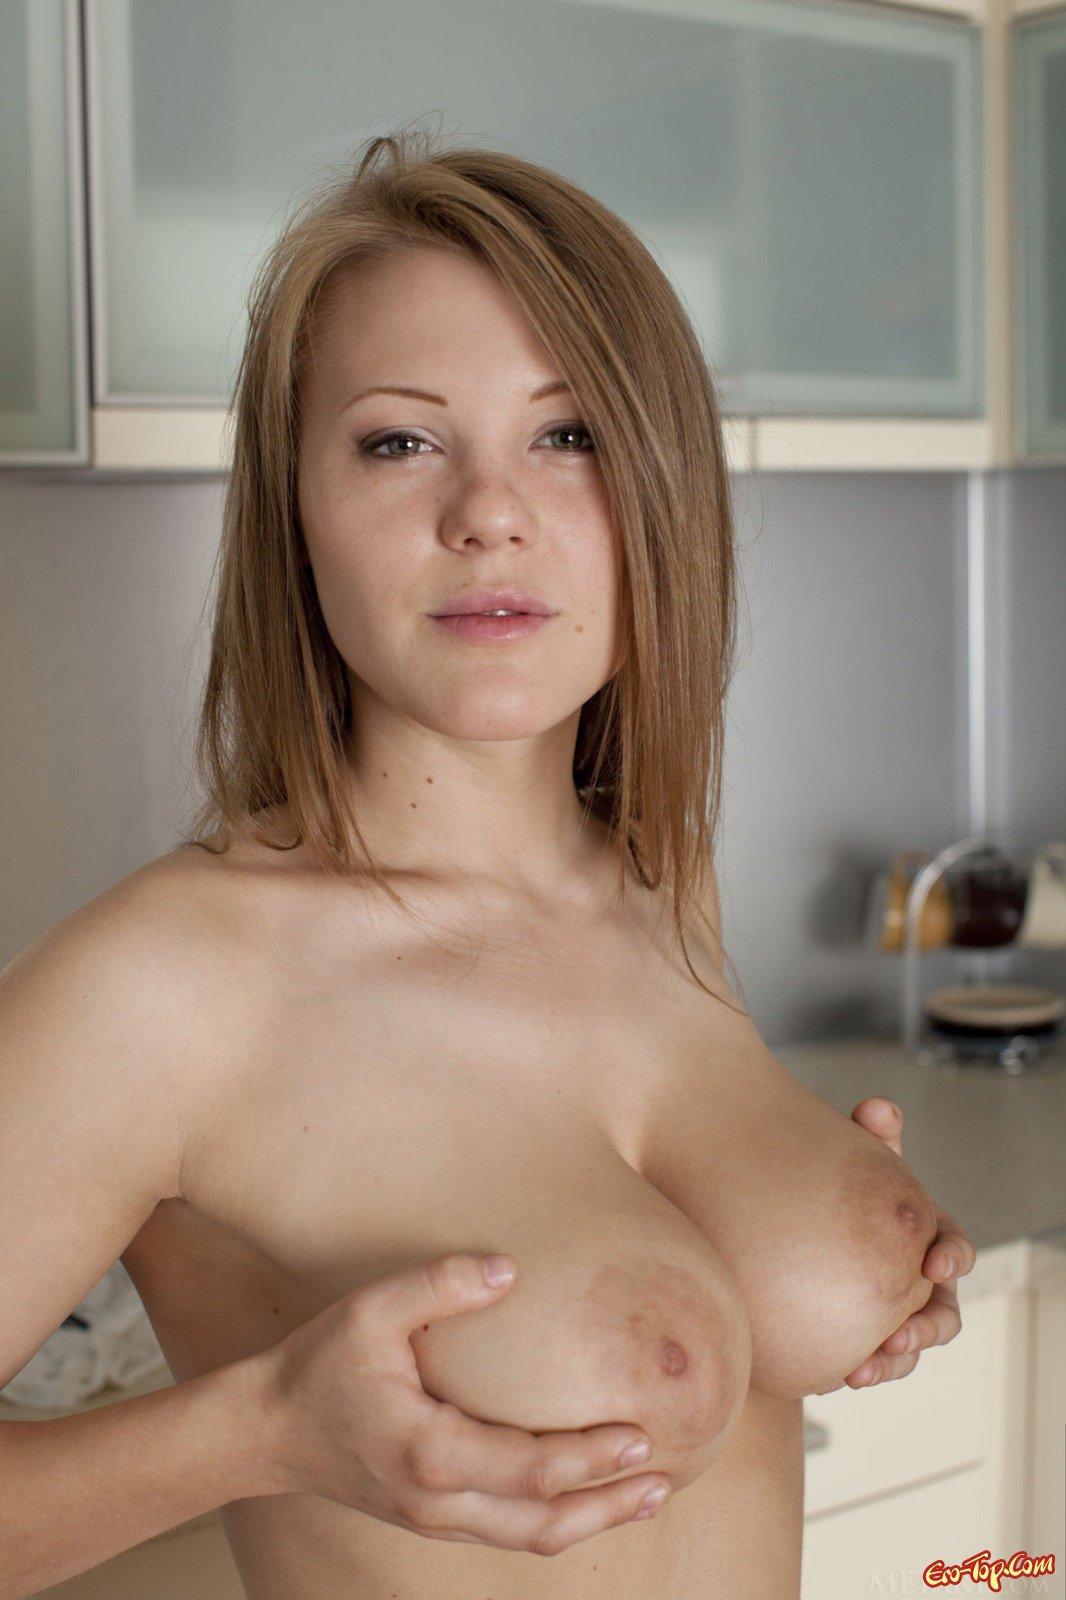 Блондинка разделась на кухне показав большие сиськи